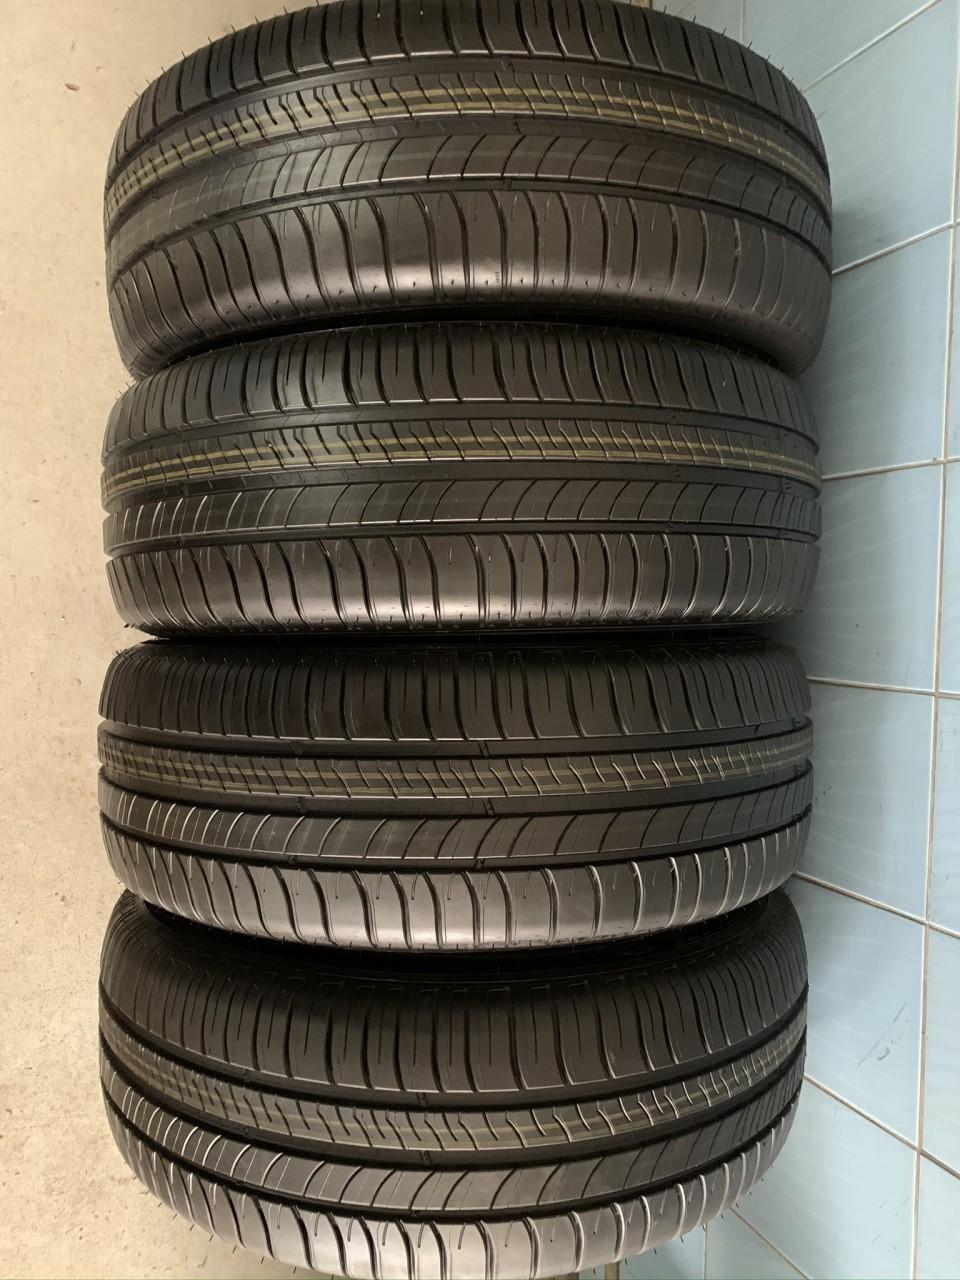 Vând 4 anvelope 215/60/16 Michelin de vară noi